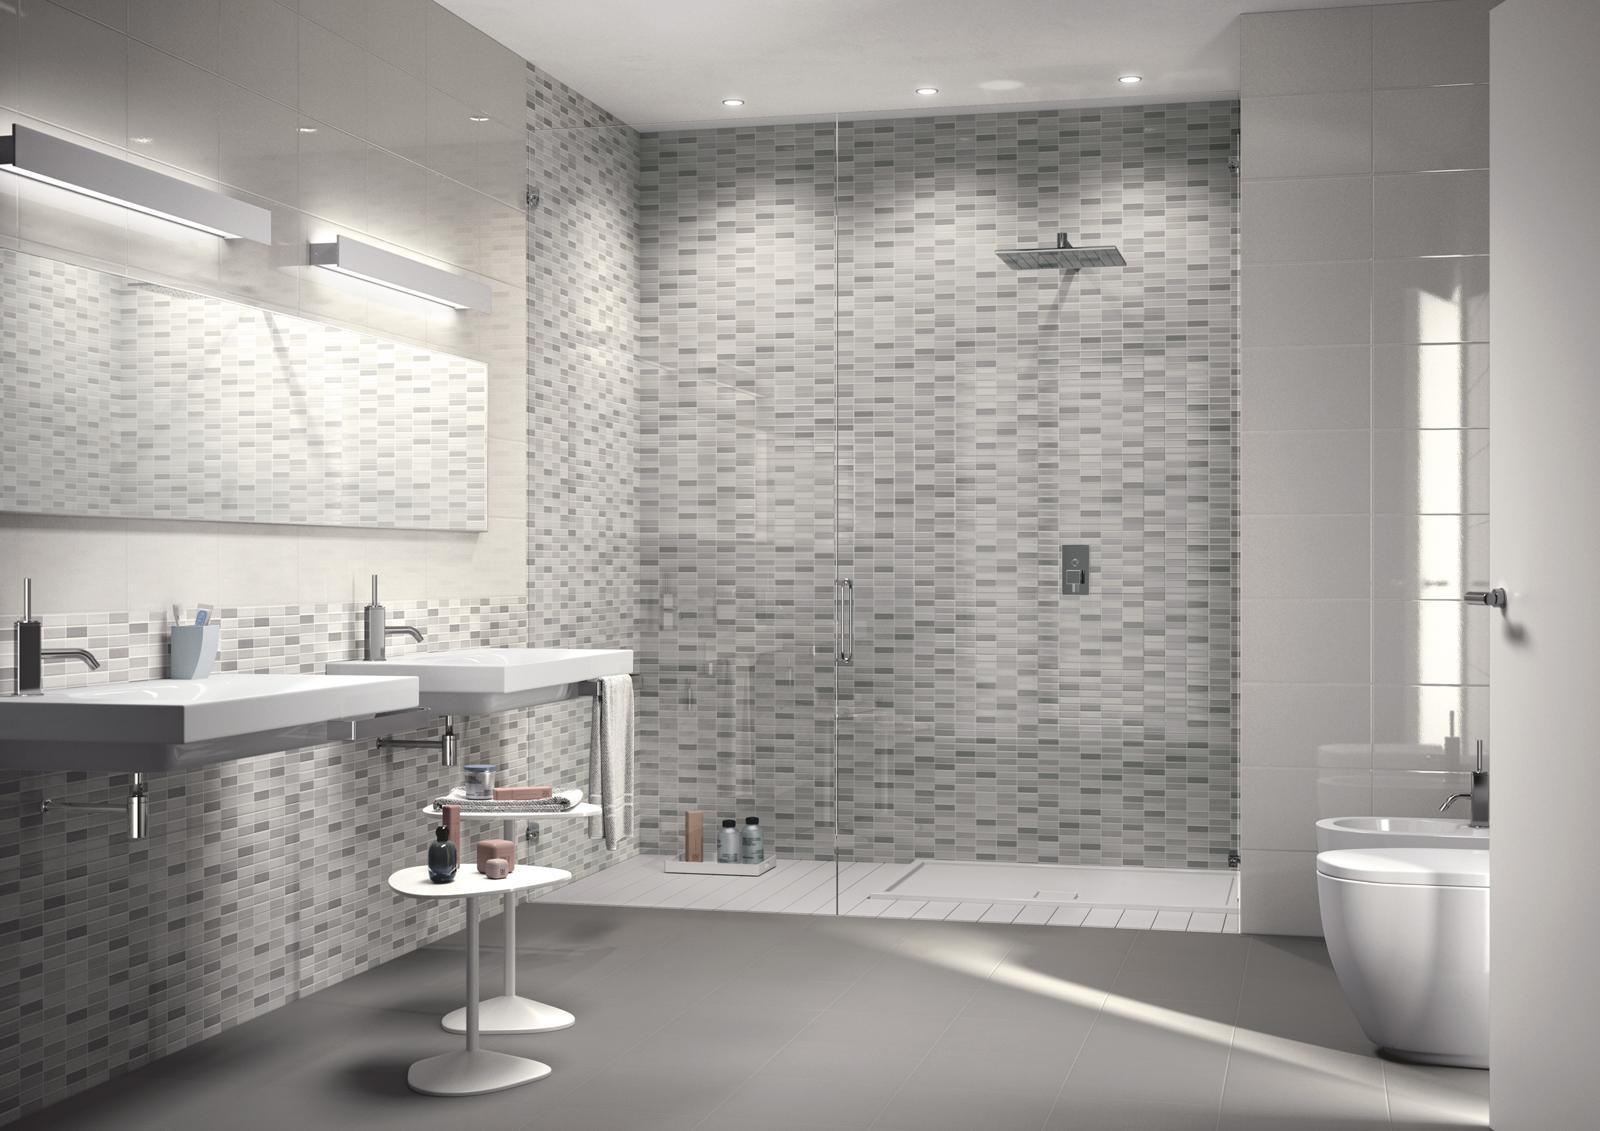 Collezione game mosaici di ceramica per bagno e cucina ragno